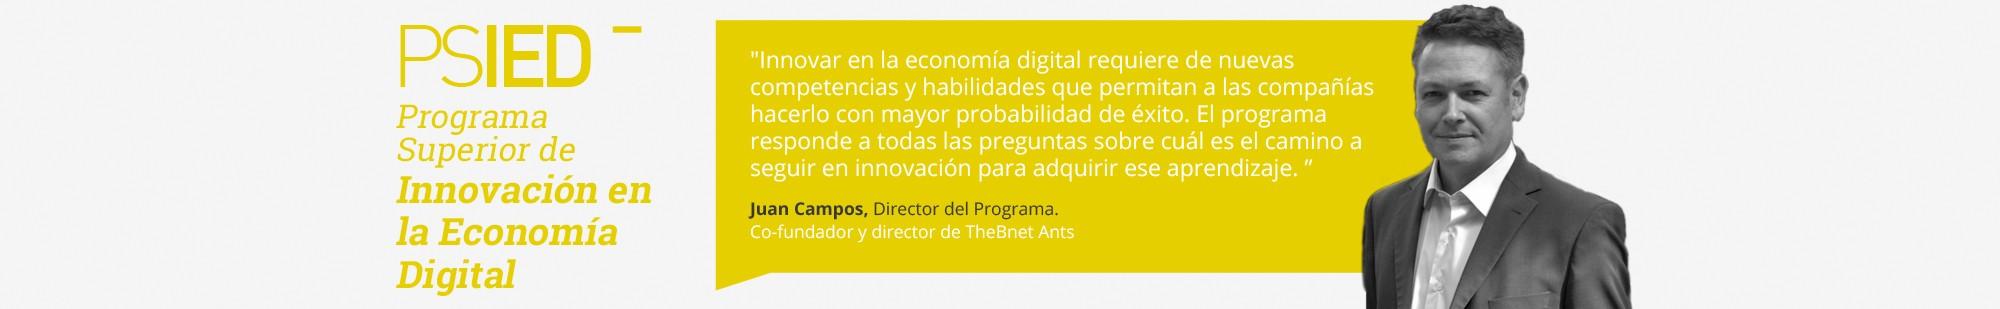 Curso en Innovación de la Economía Digital - Juan Campos, Director del programa